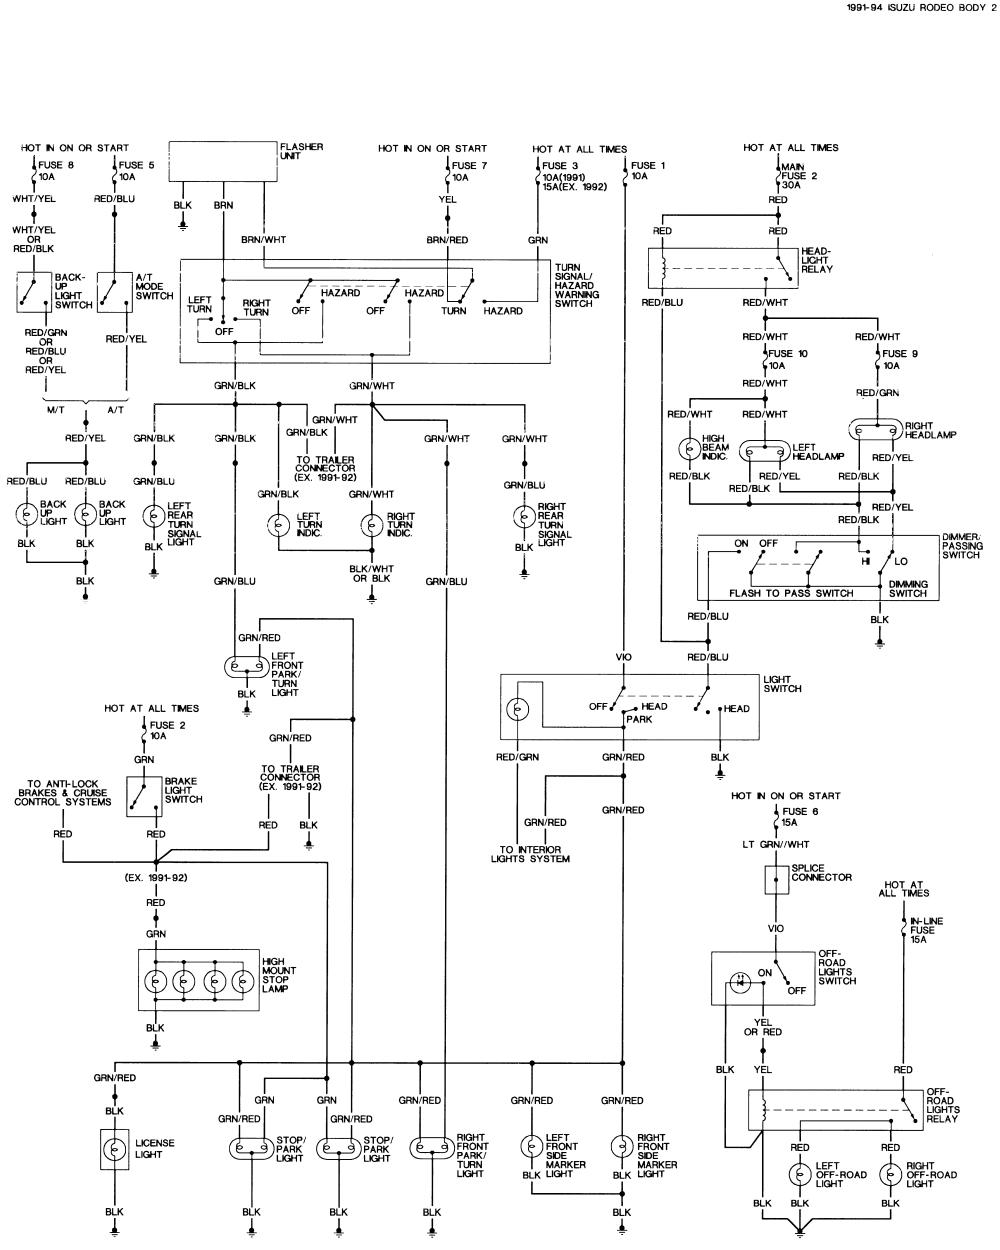 1992 isuzu truck wiring diagram wiring diagrams second 1992 isuzu rodeo wiring diagram my wiring diagram